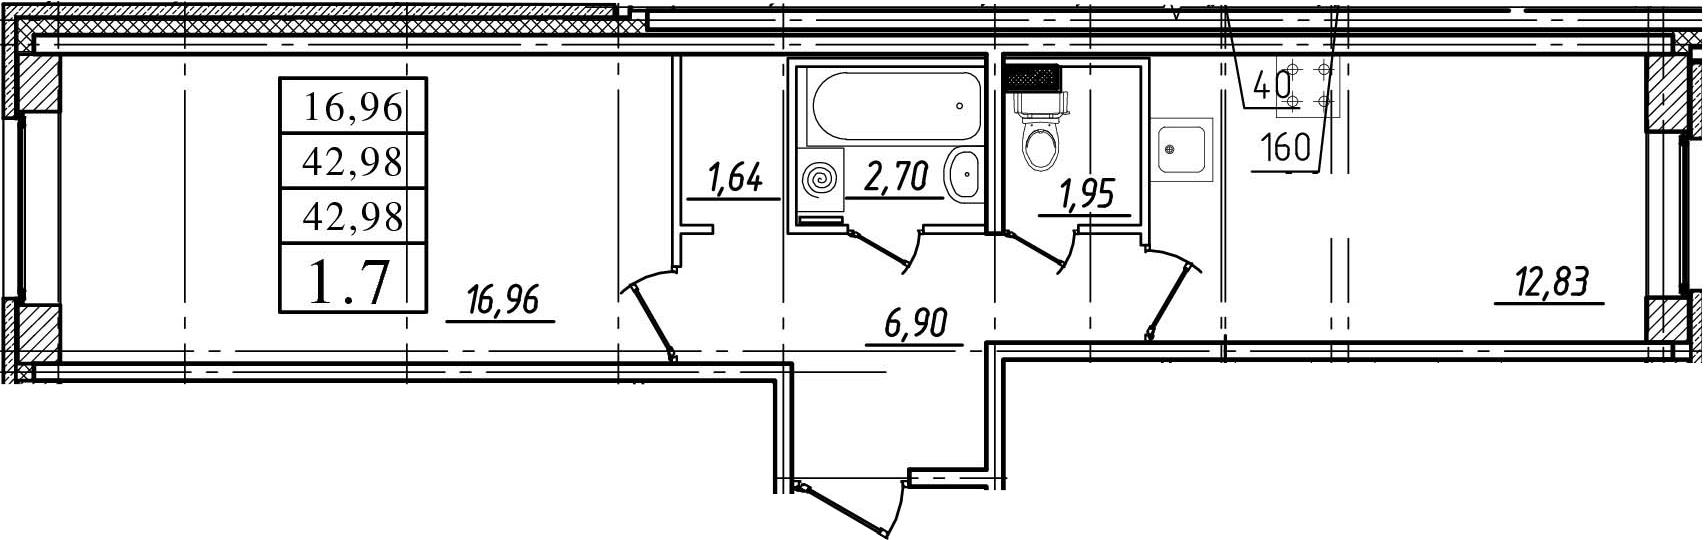 1-к.кв, 42.98 м², 1 этаж